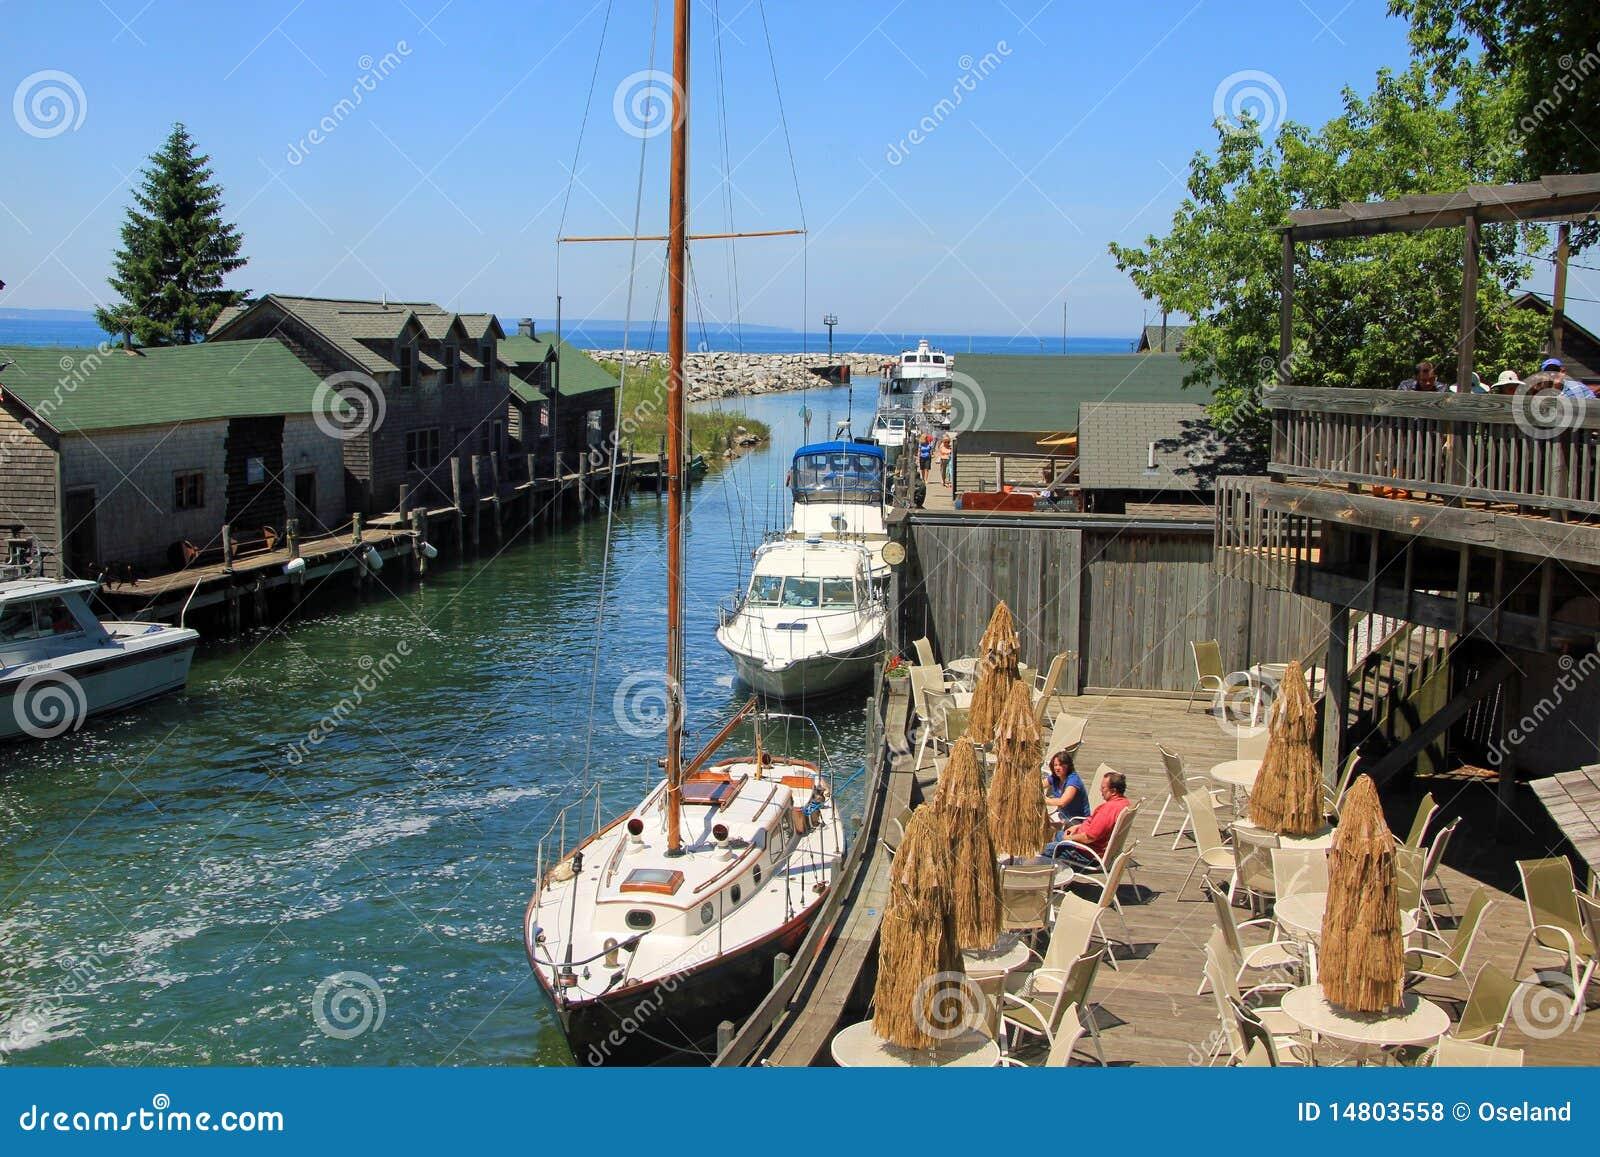 Fishtown in Leland, Michigan